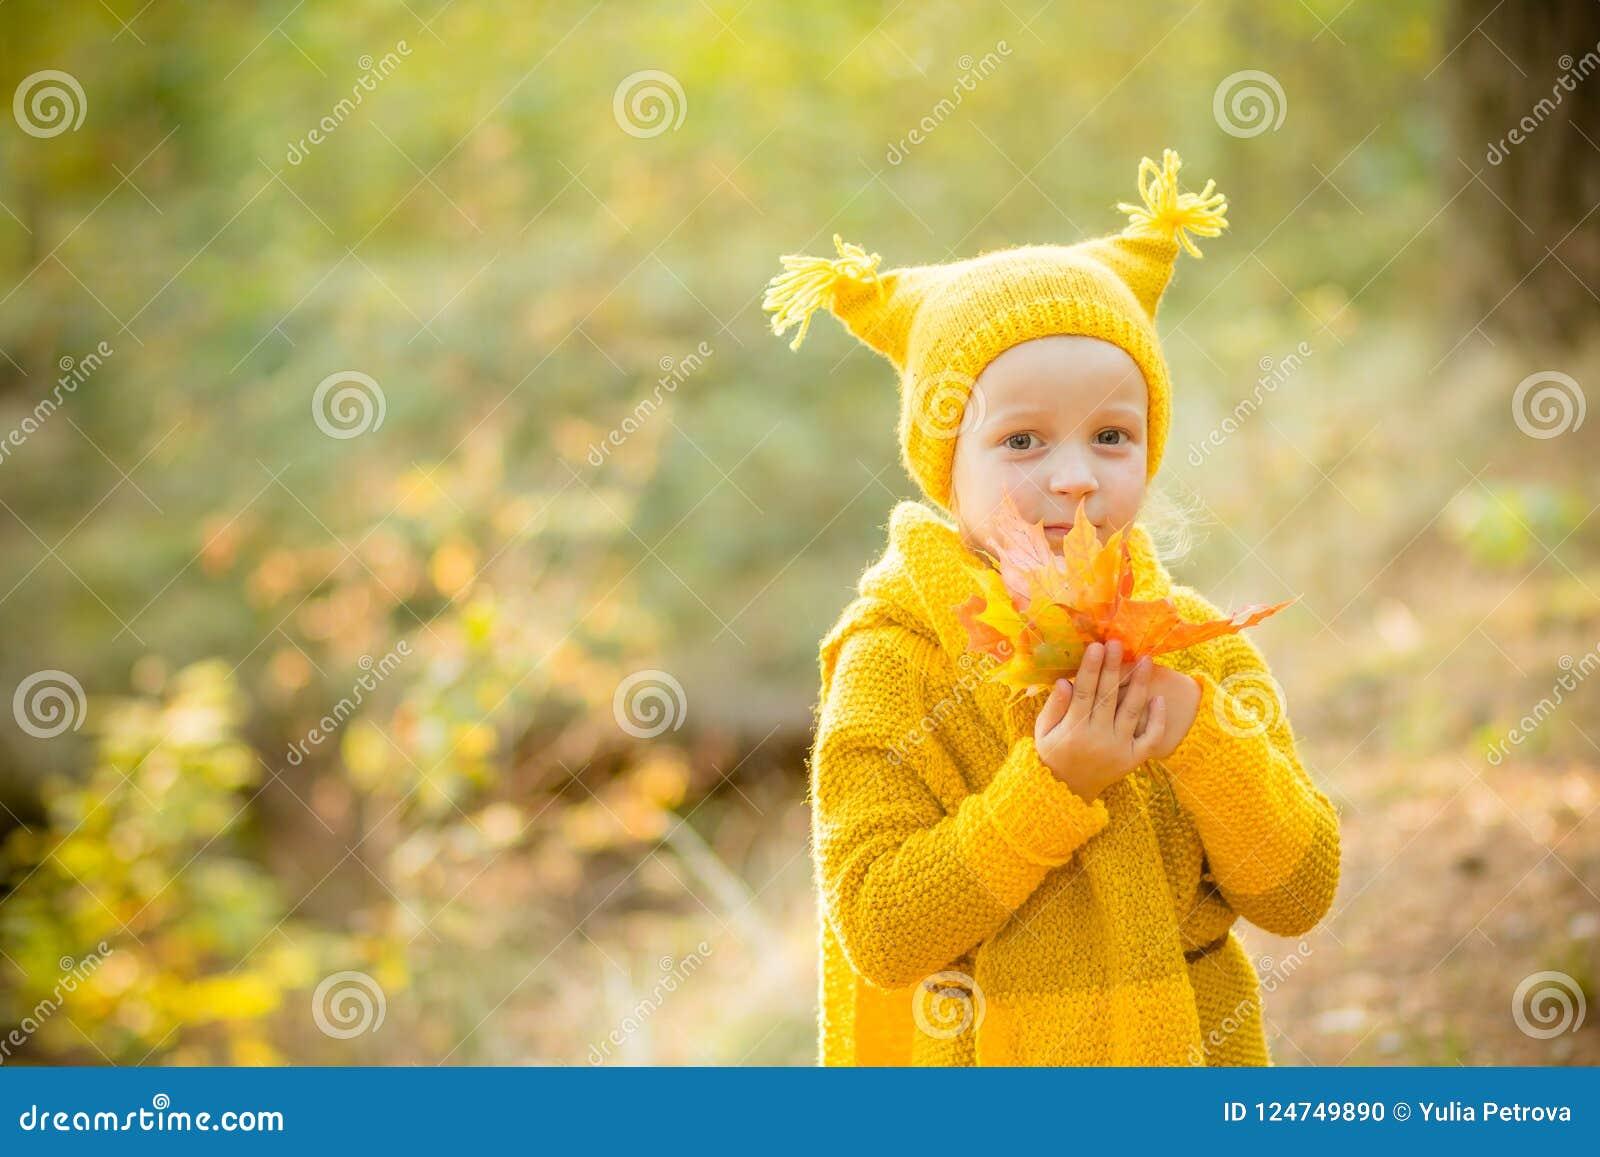 Nedgångsäsong och folkbegrepp Lilla flickan i en guling stack laget, och hatten har gyckel i höst att parkera, skogen med guling